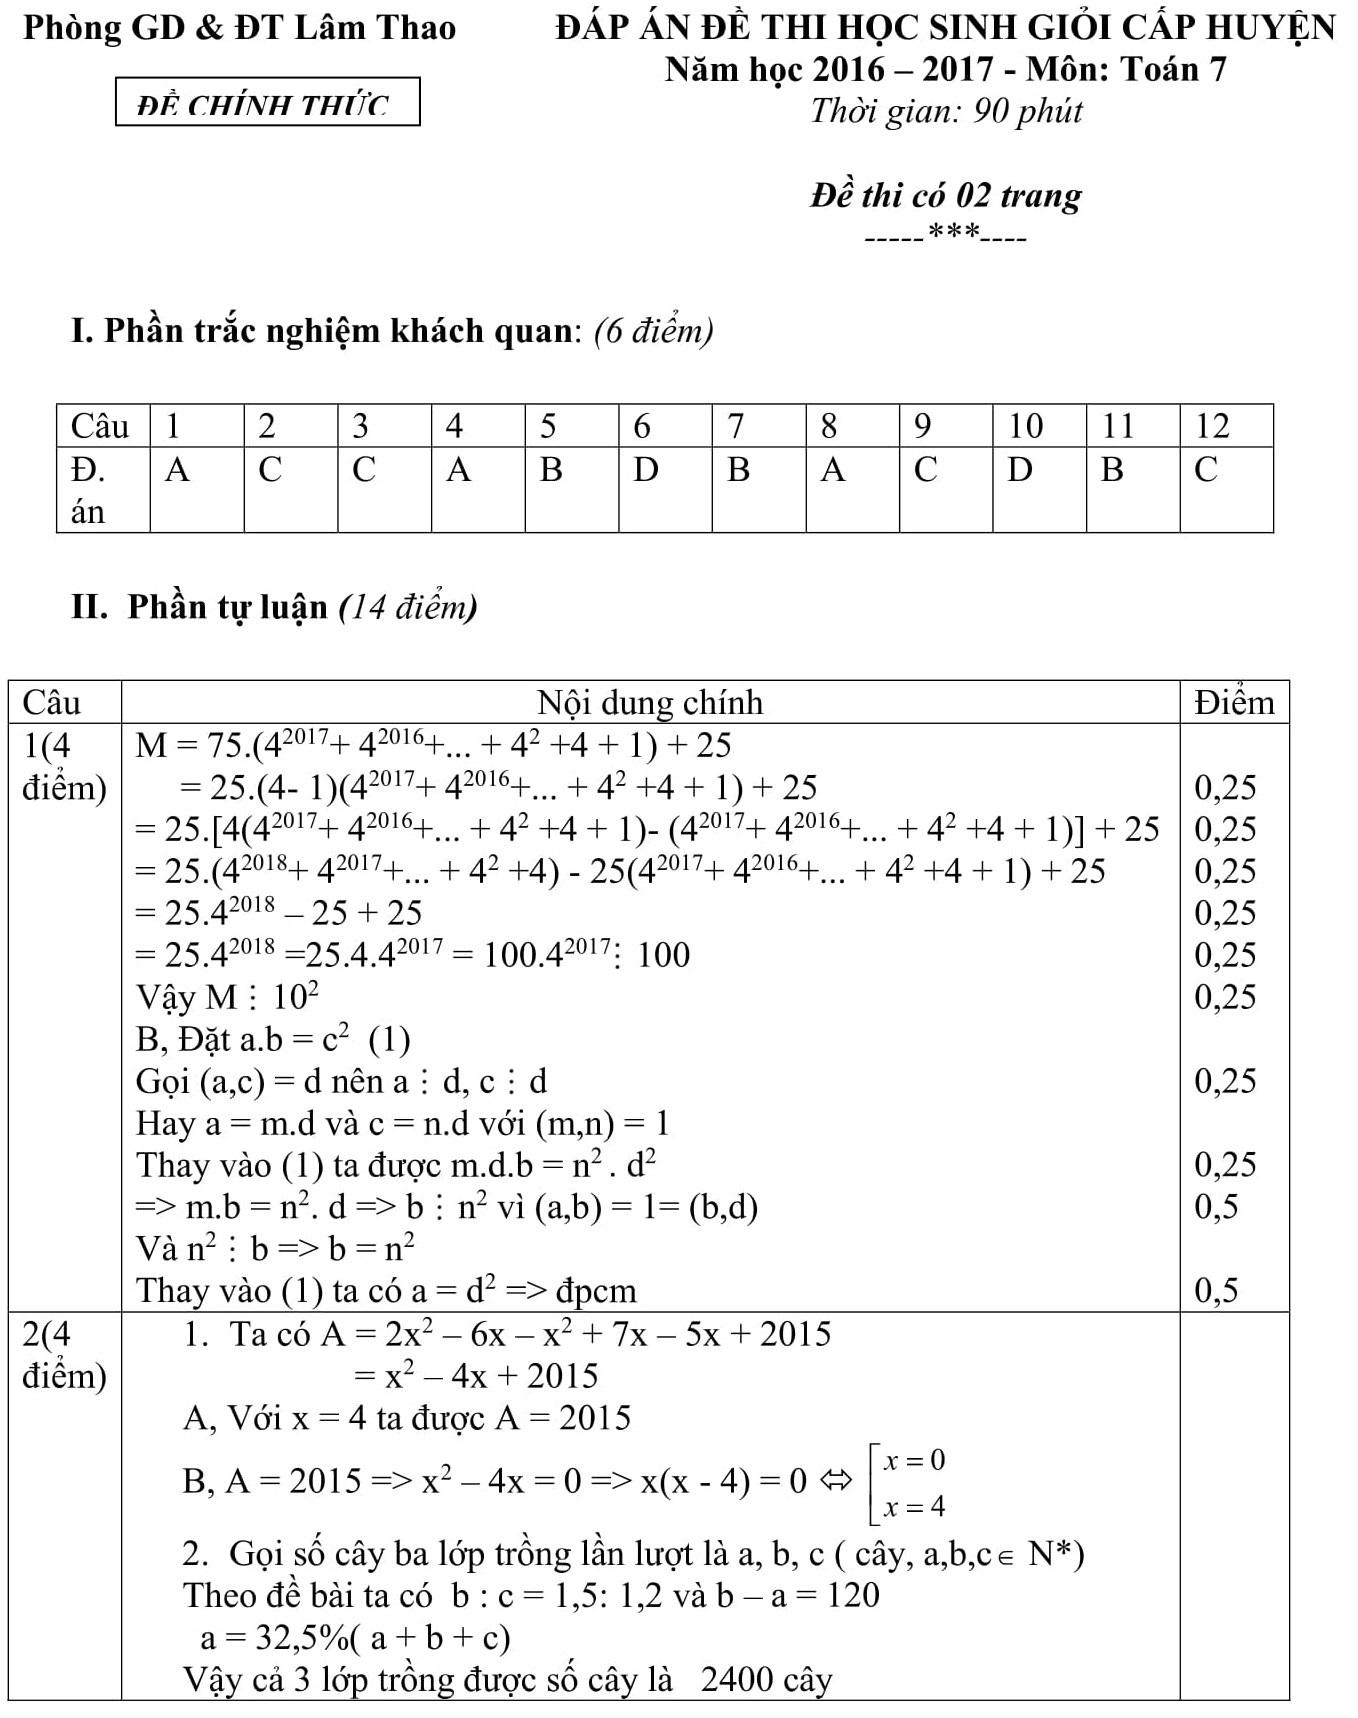 Đáp án và đề thi HSG toán 7 phòng GD&ĐT Lâm Thao 2016-2017